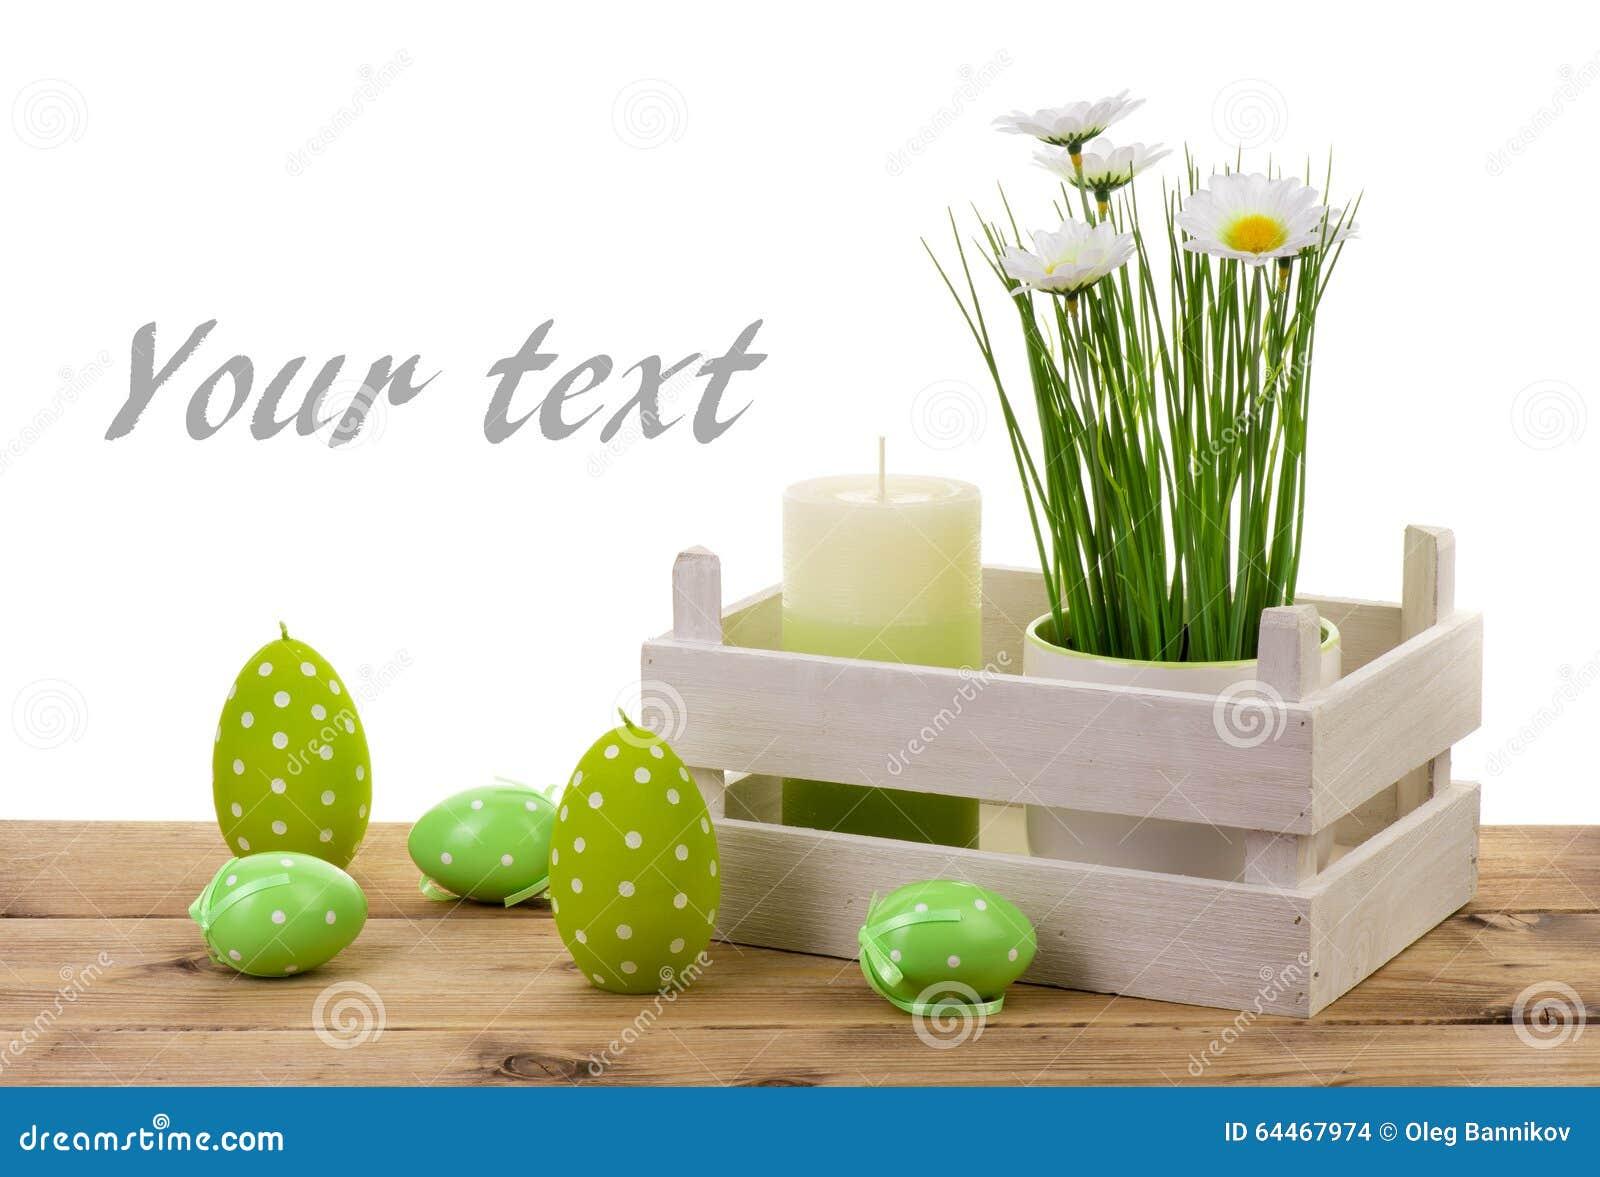 Wielkanocne dekoracje świeczka, jajka i kwiat w garnku na drewnianym tle,